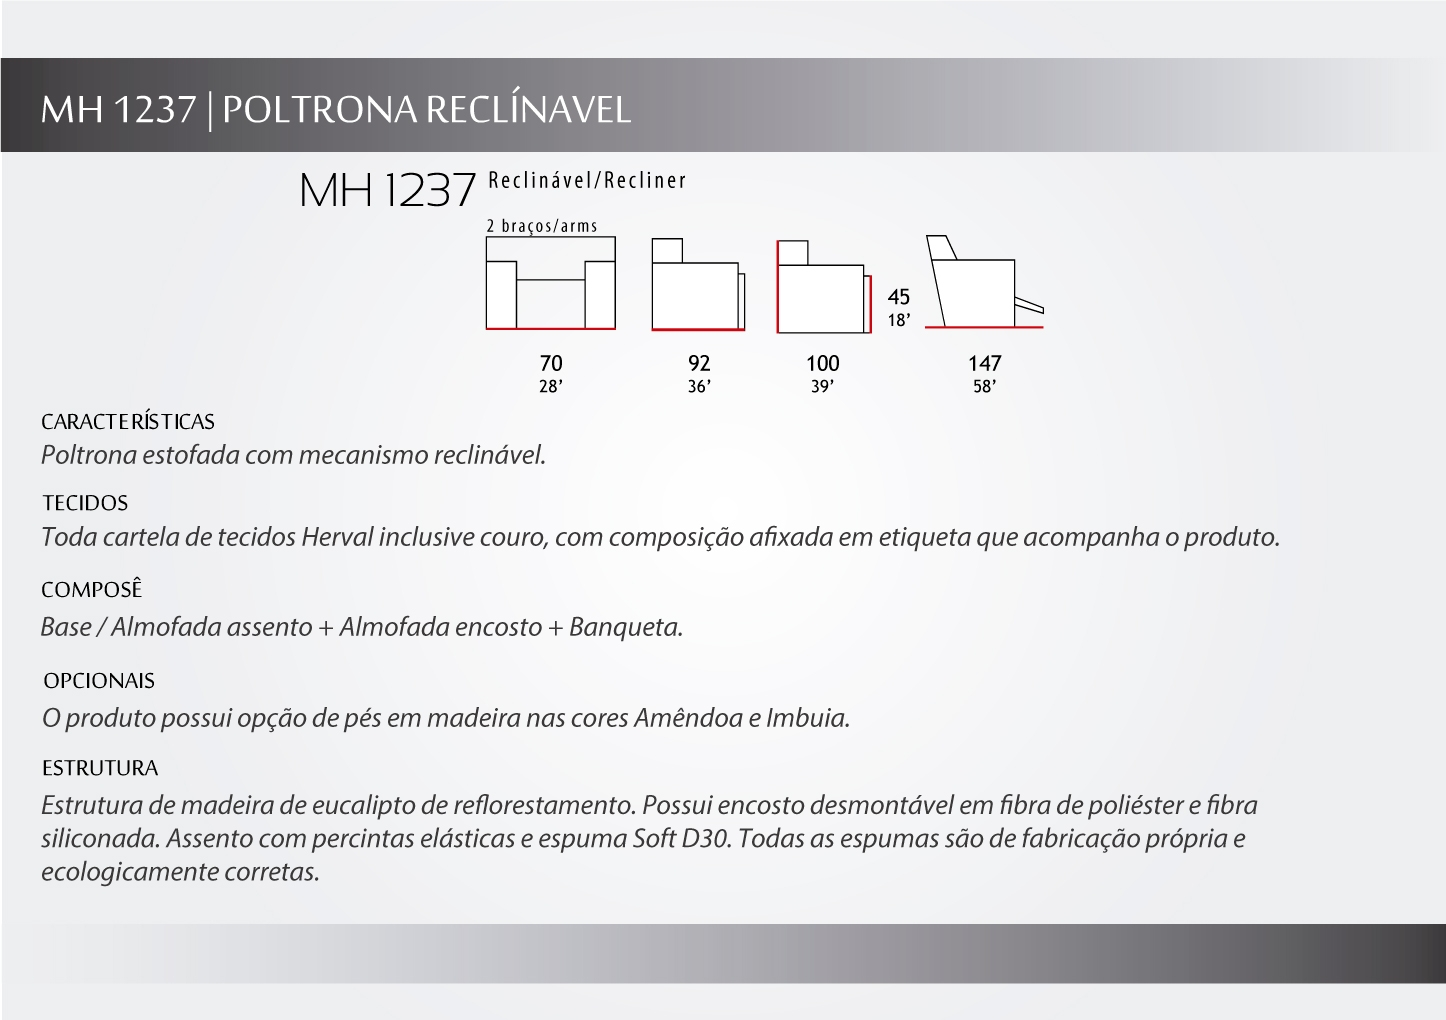 descrição da poltrona reclinável MH1237